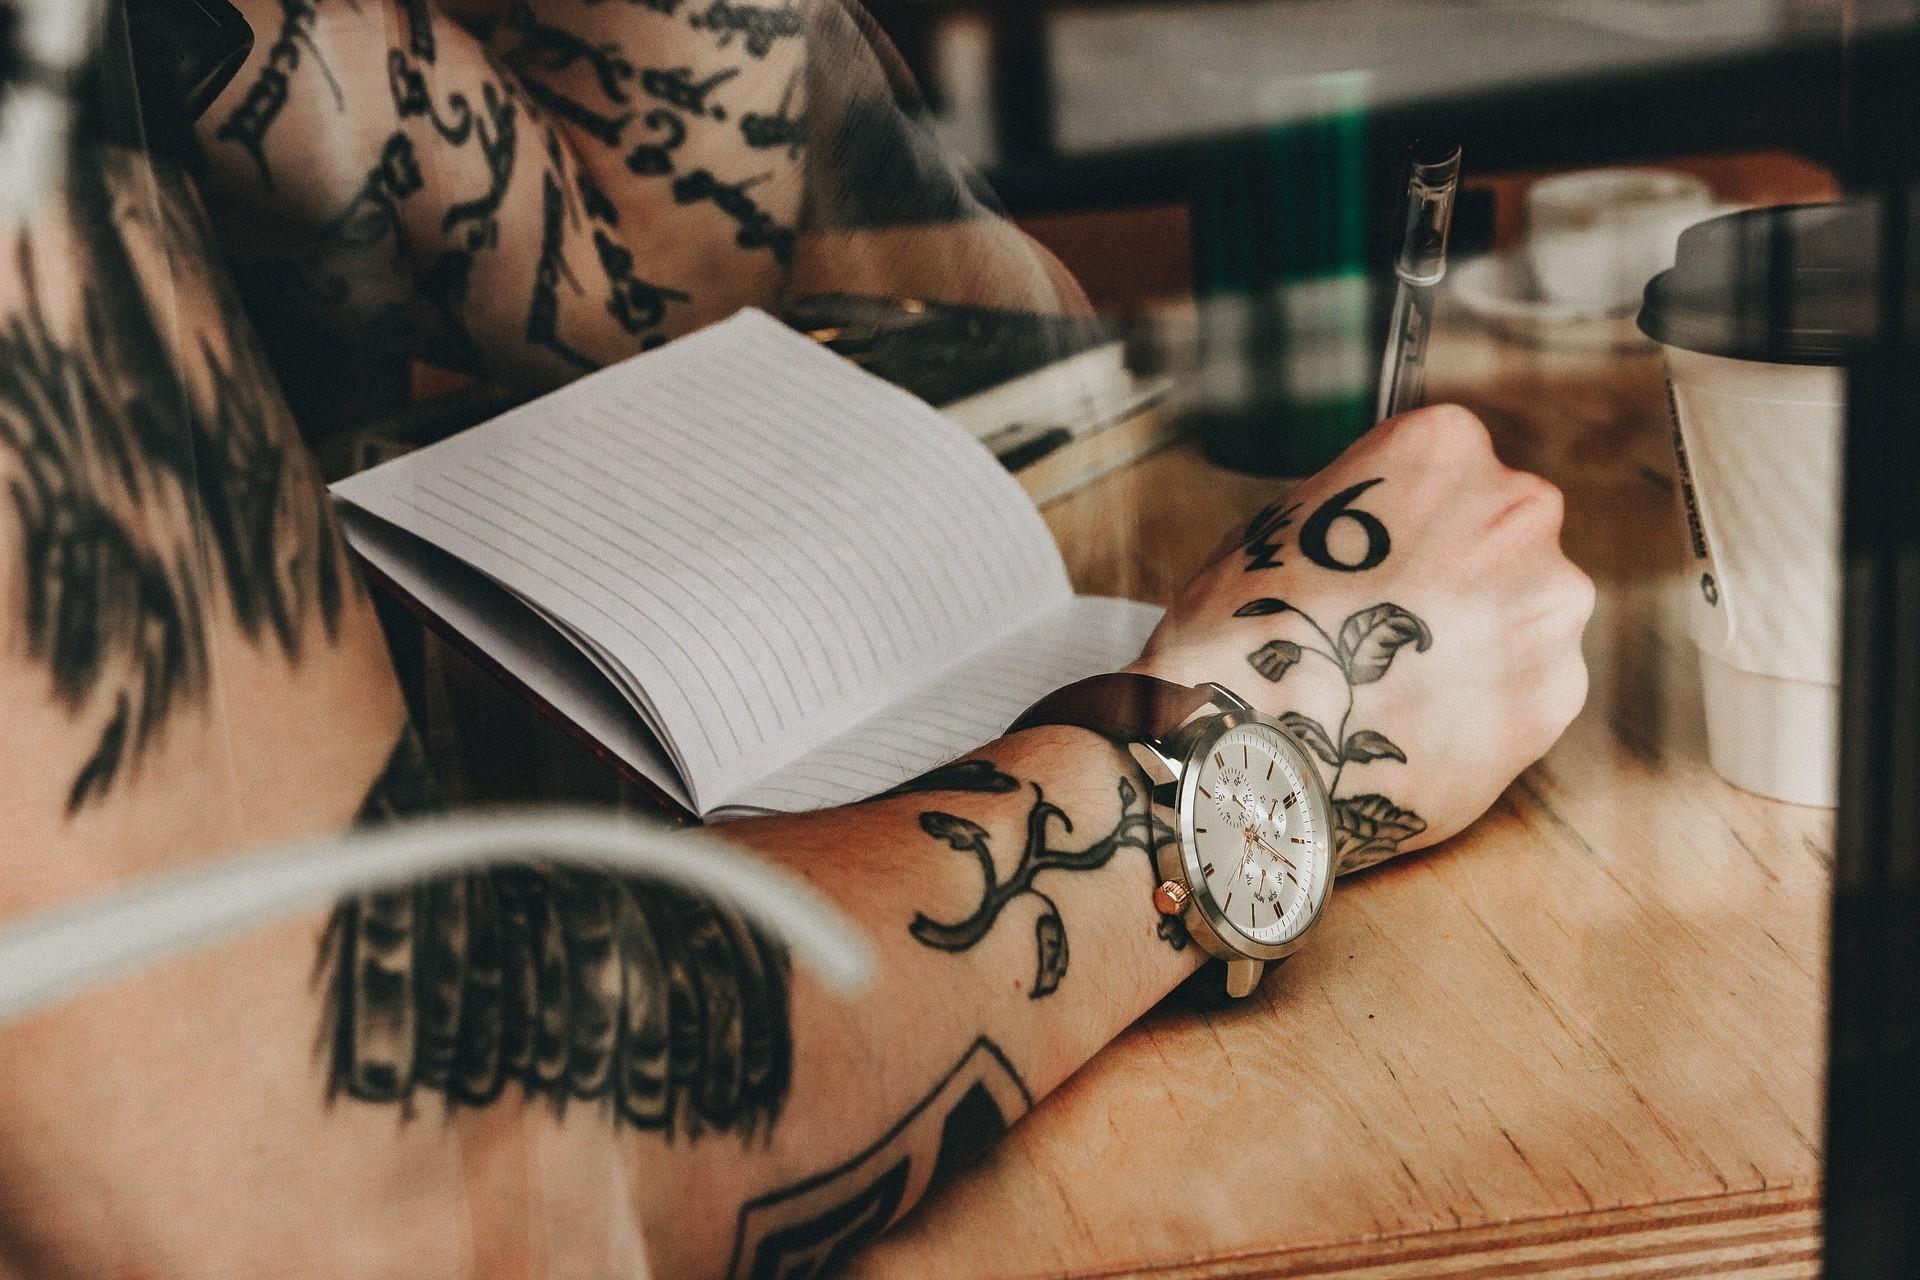 Tatuaż Na Nadgarstku Ceny Wzory Napis Czy Tatuaż Na Nadgarstku